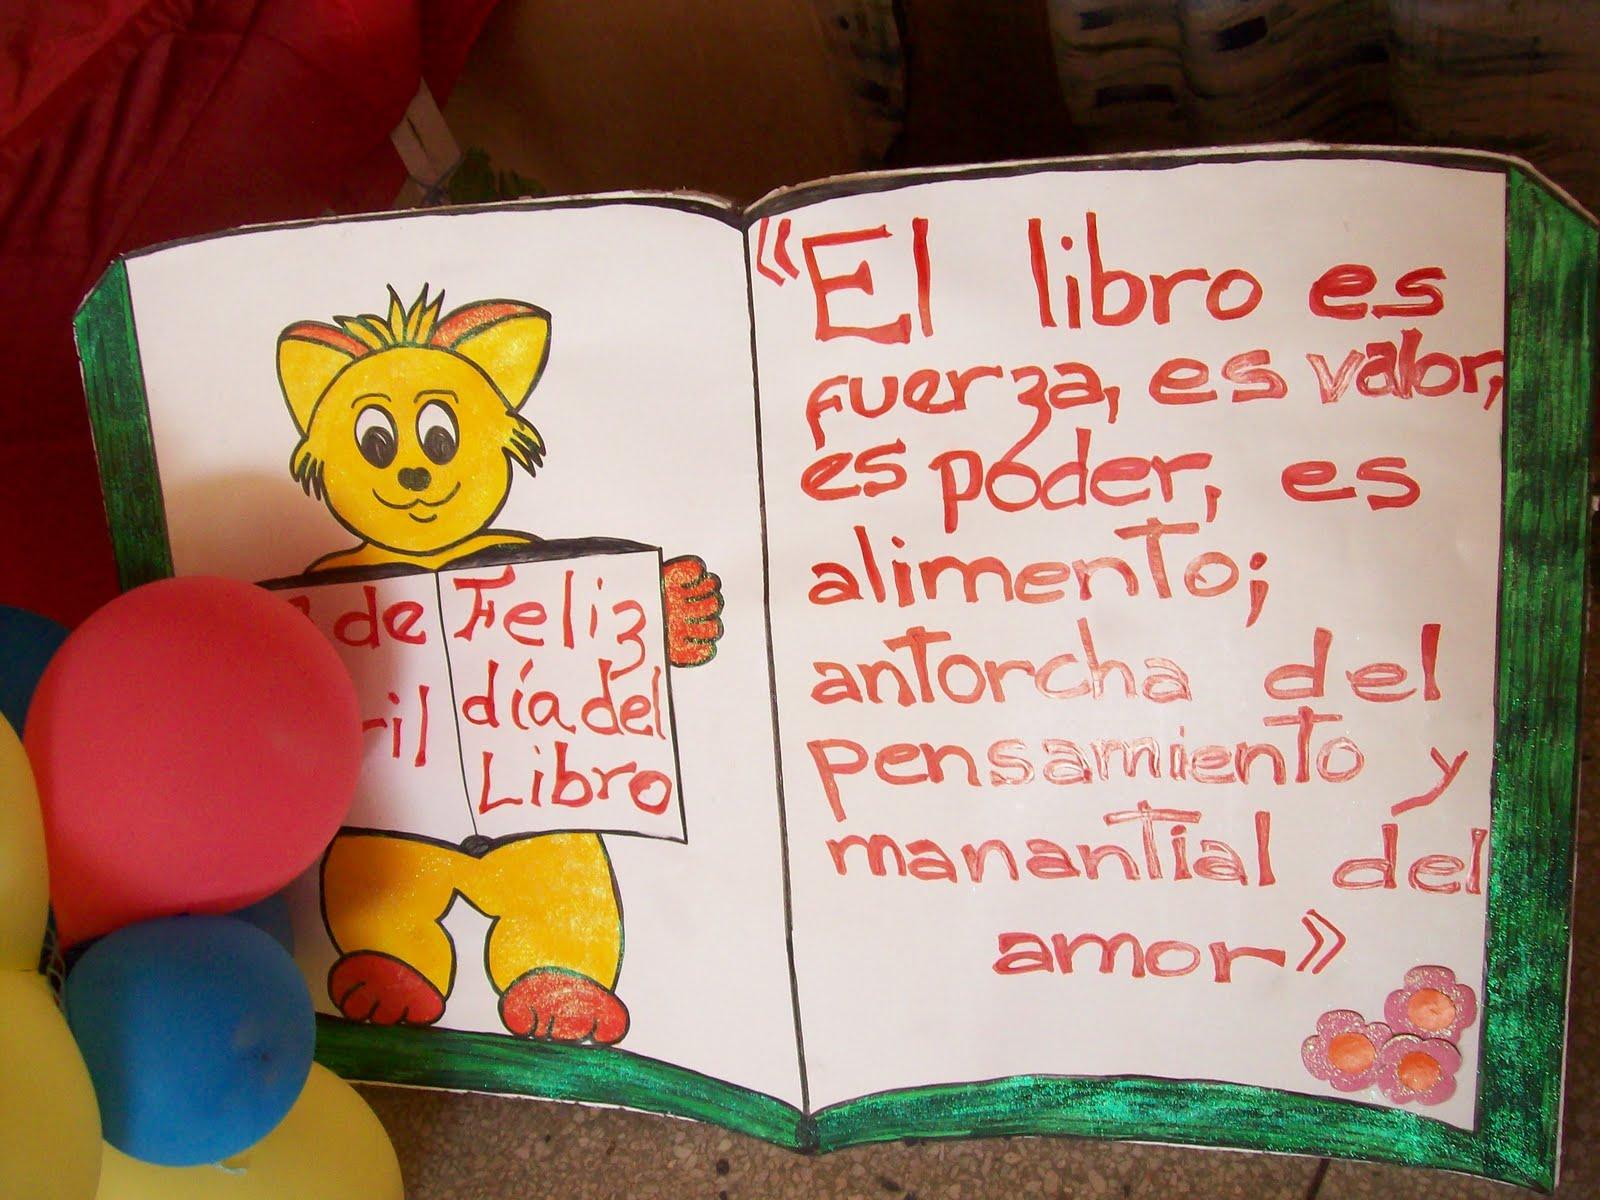 23 De Abril Da Del Idioma Y Del Libro Dibujos Para Colorear | Just